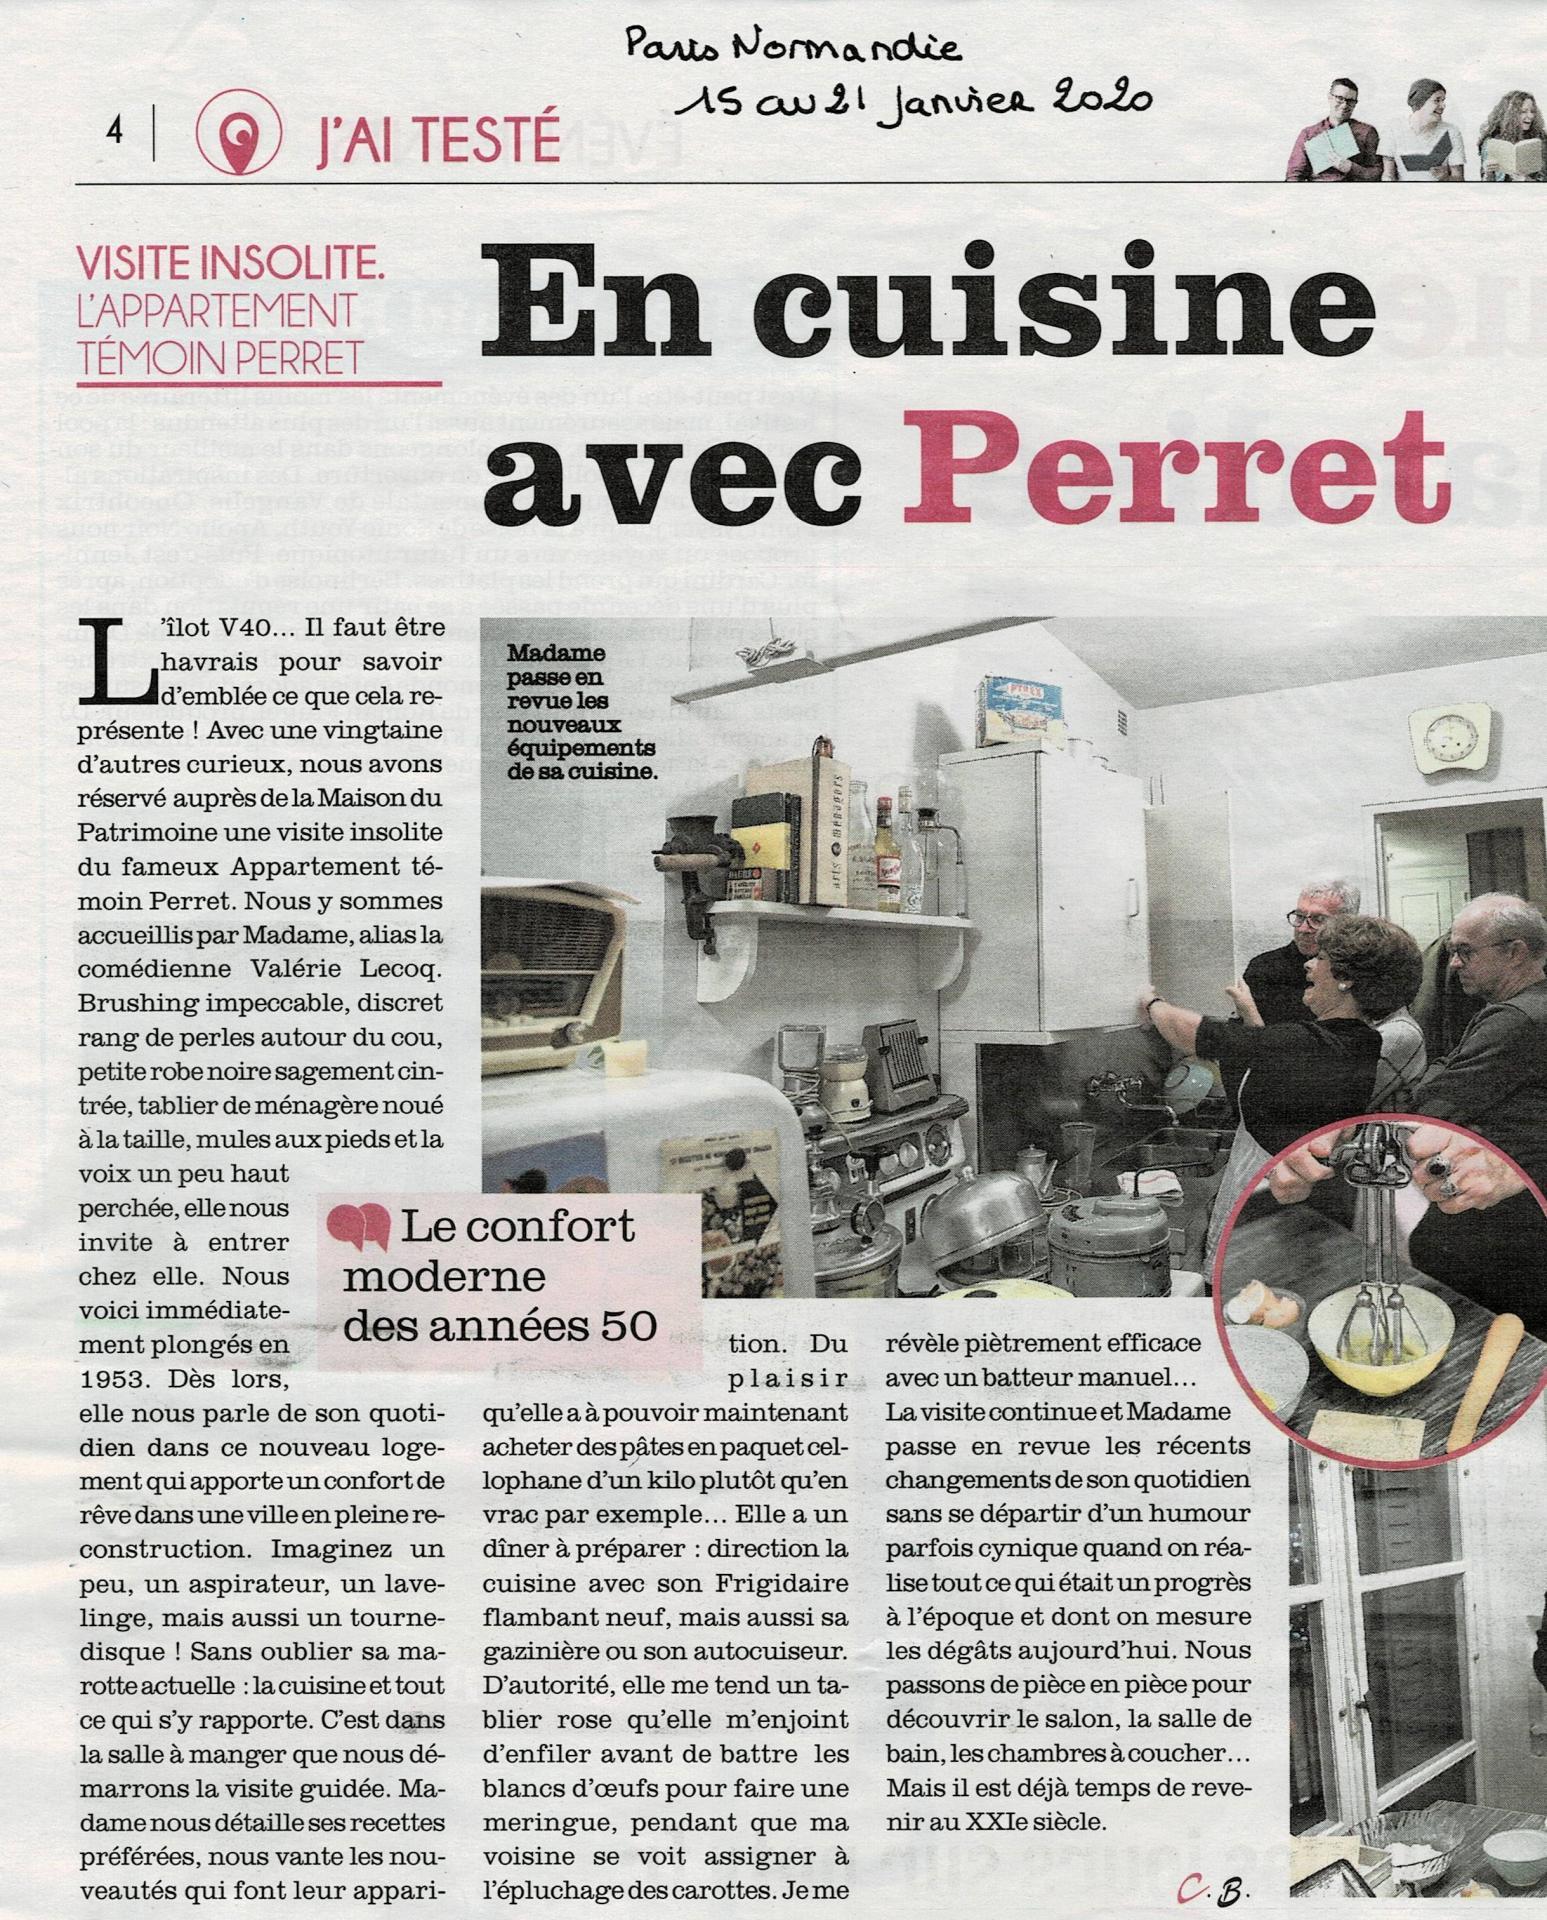 Pdv cuisine paris normandie janv 2020 coupe